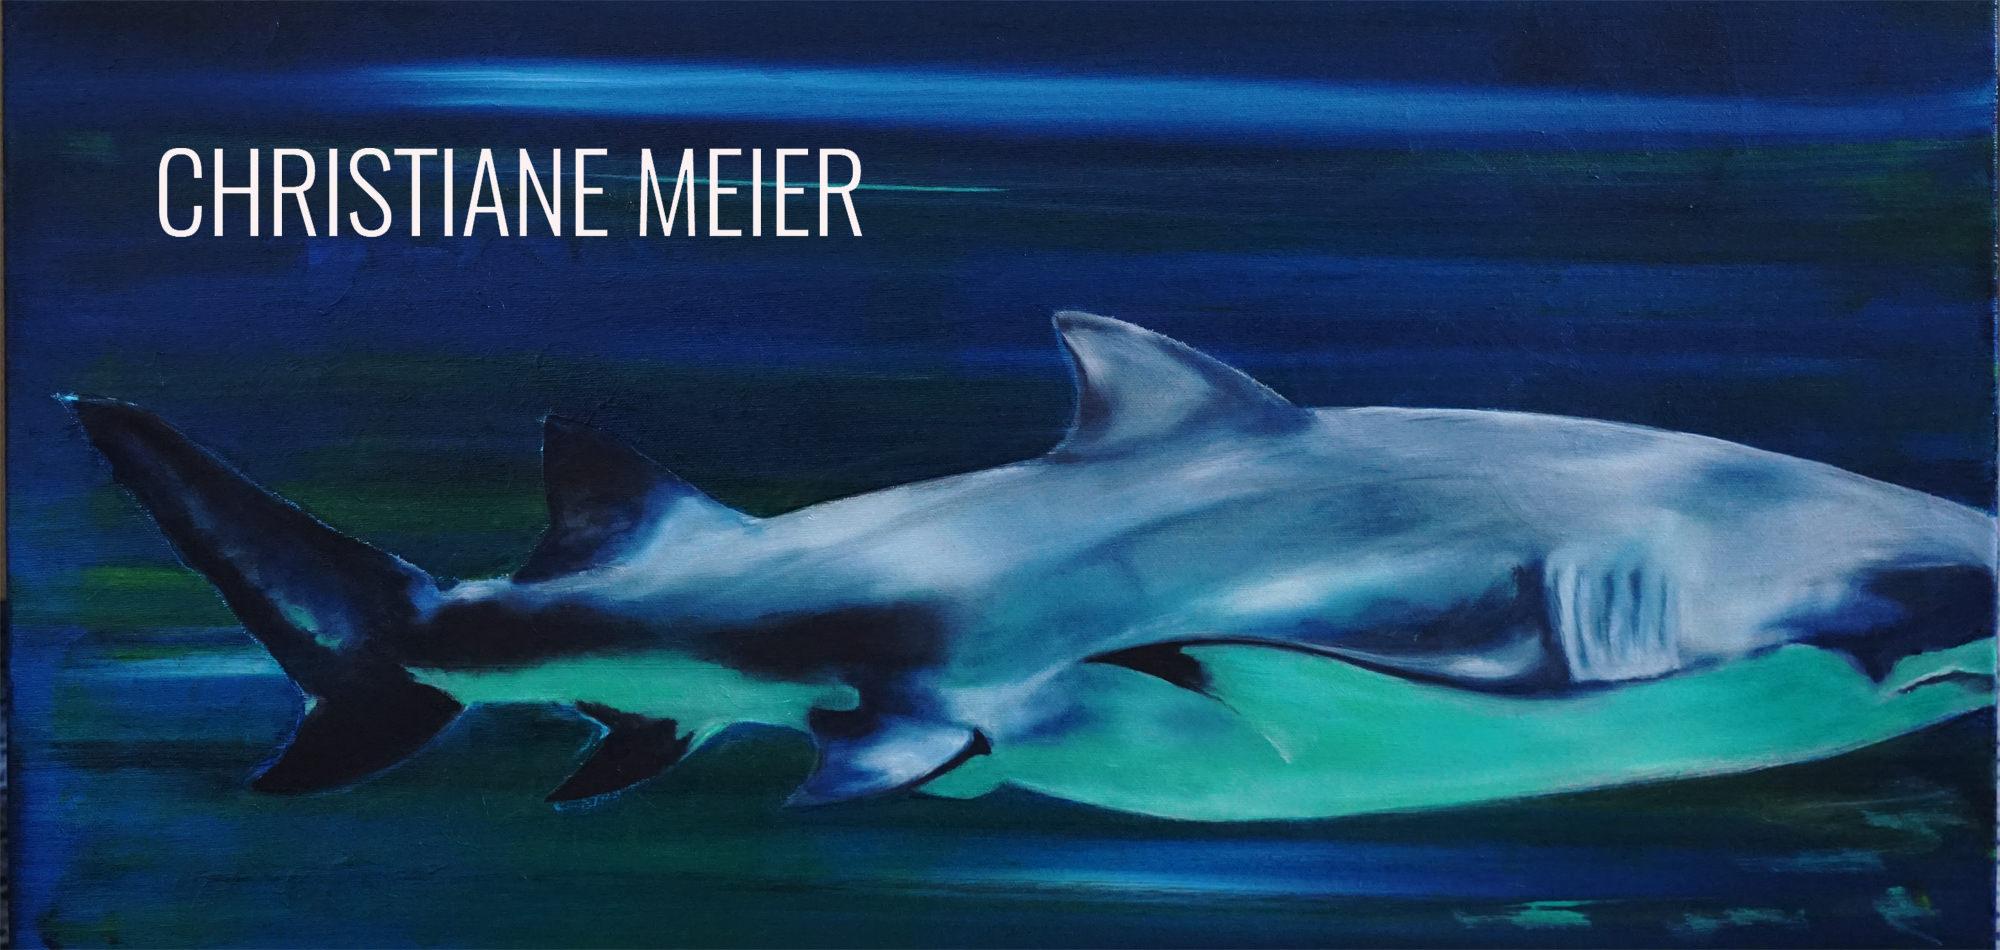 Christiane Meier Malerei